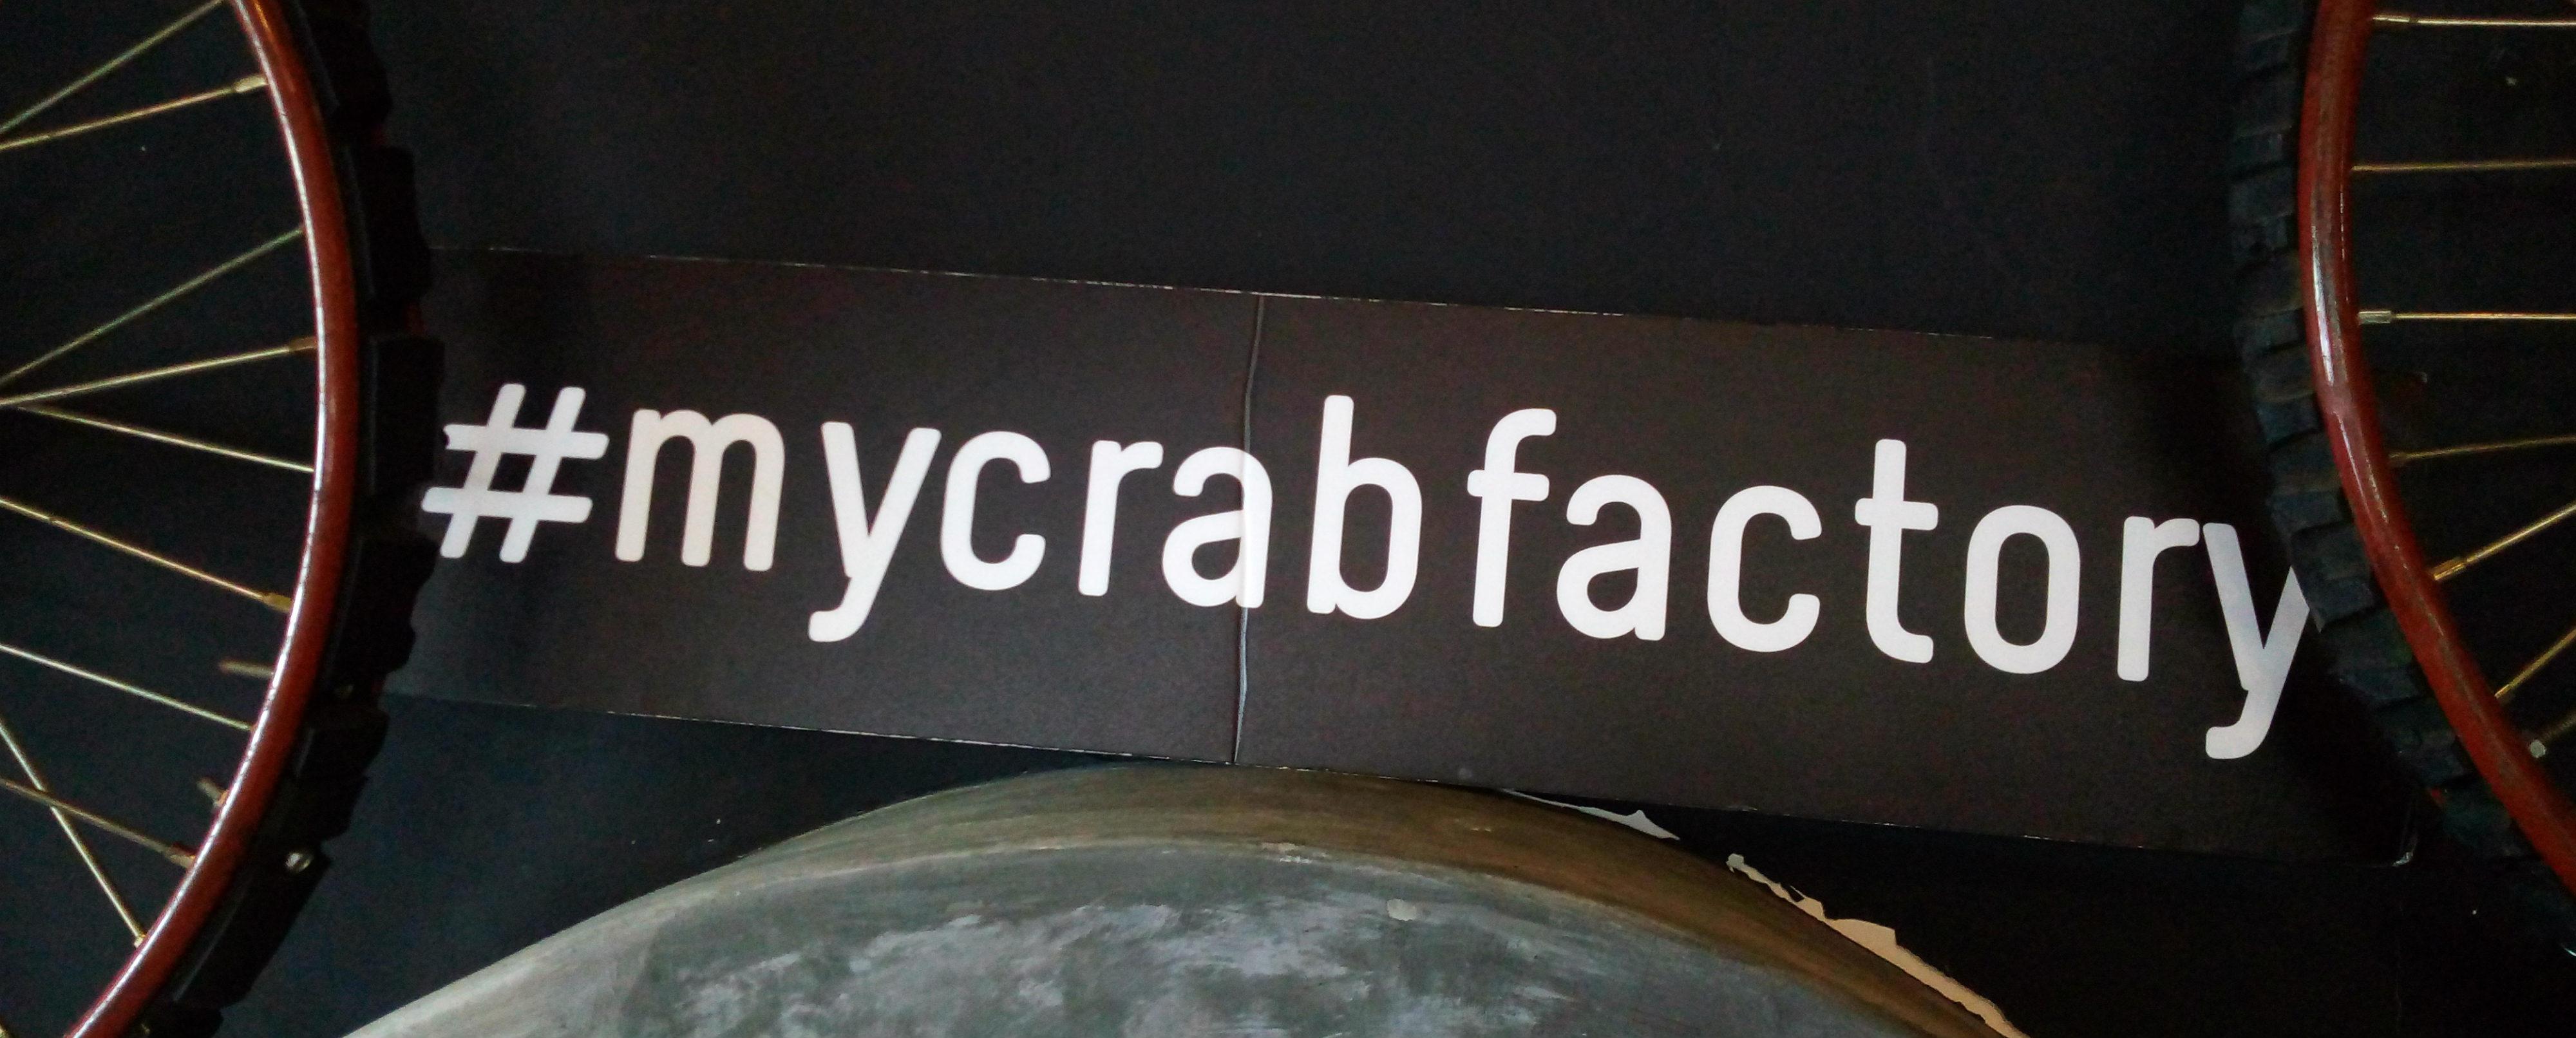 hashtag mycrabfactory